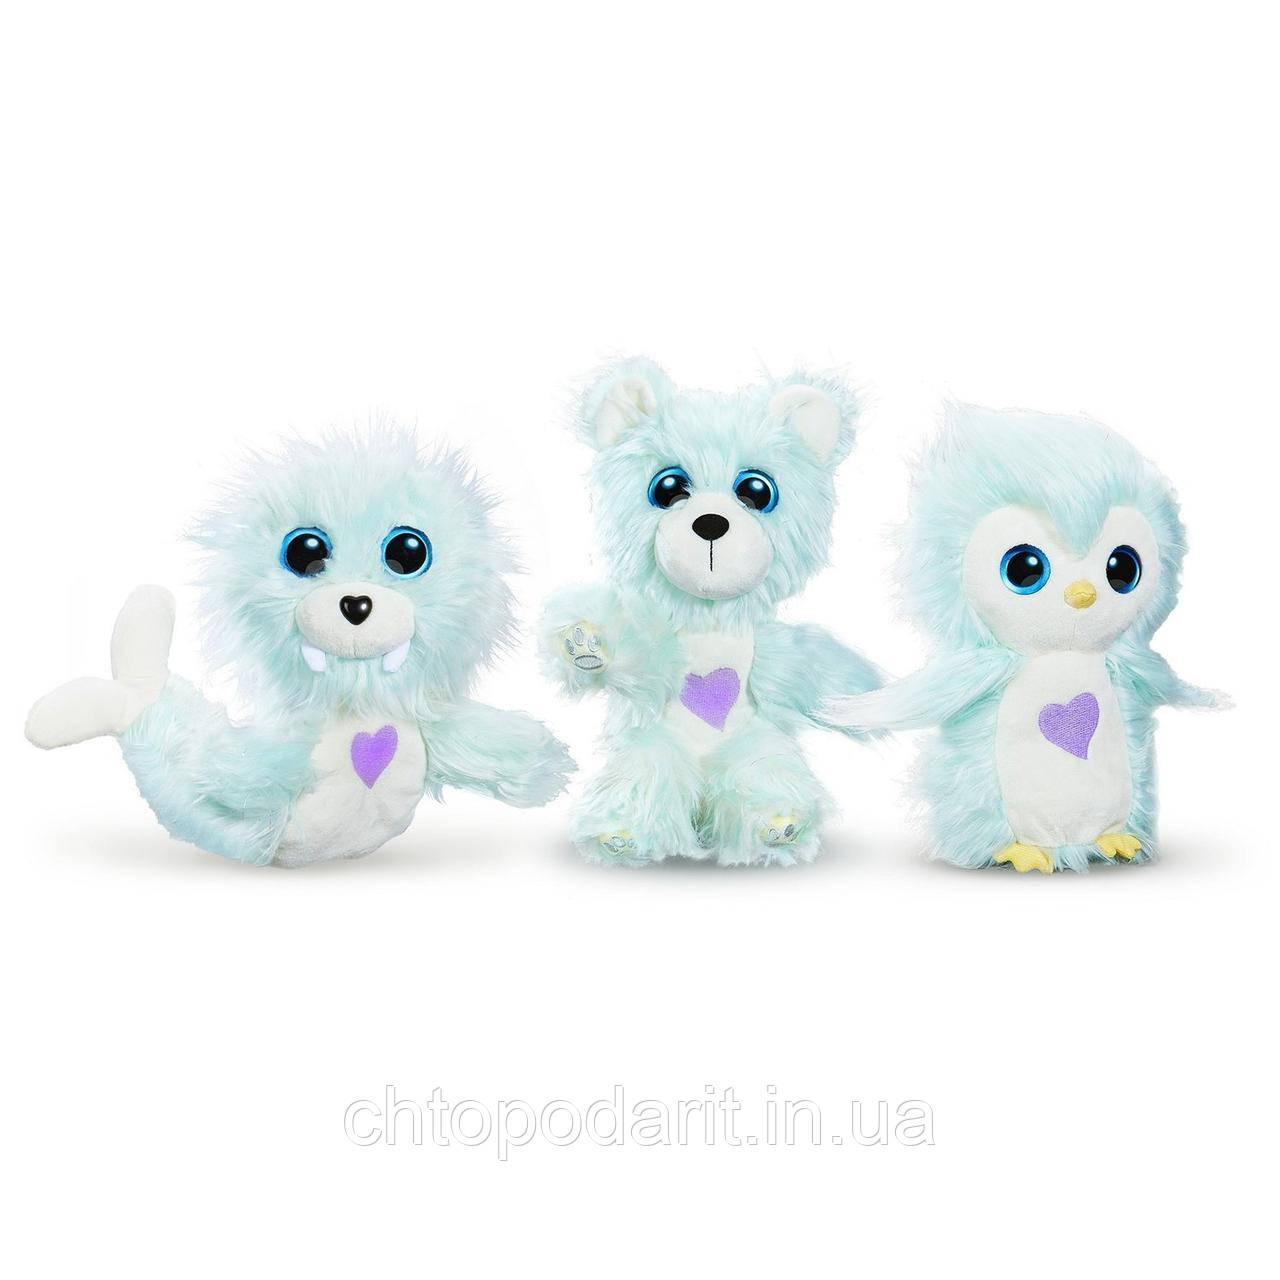 Пушистик потеряшка «Снежные друзья» игрушка сюрприз Scruff A Luvs Snow Pals Код 12-2044